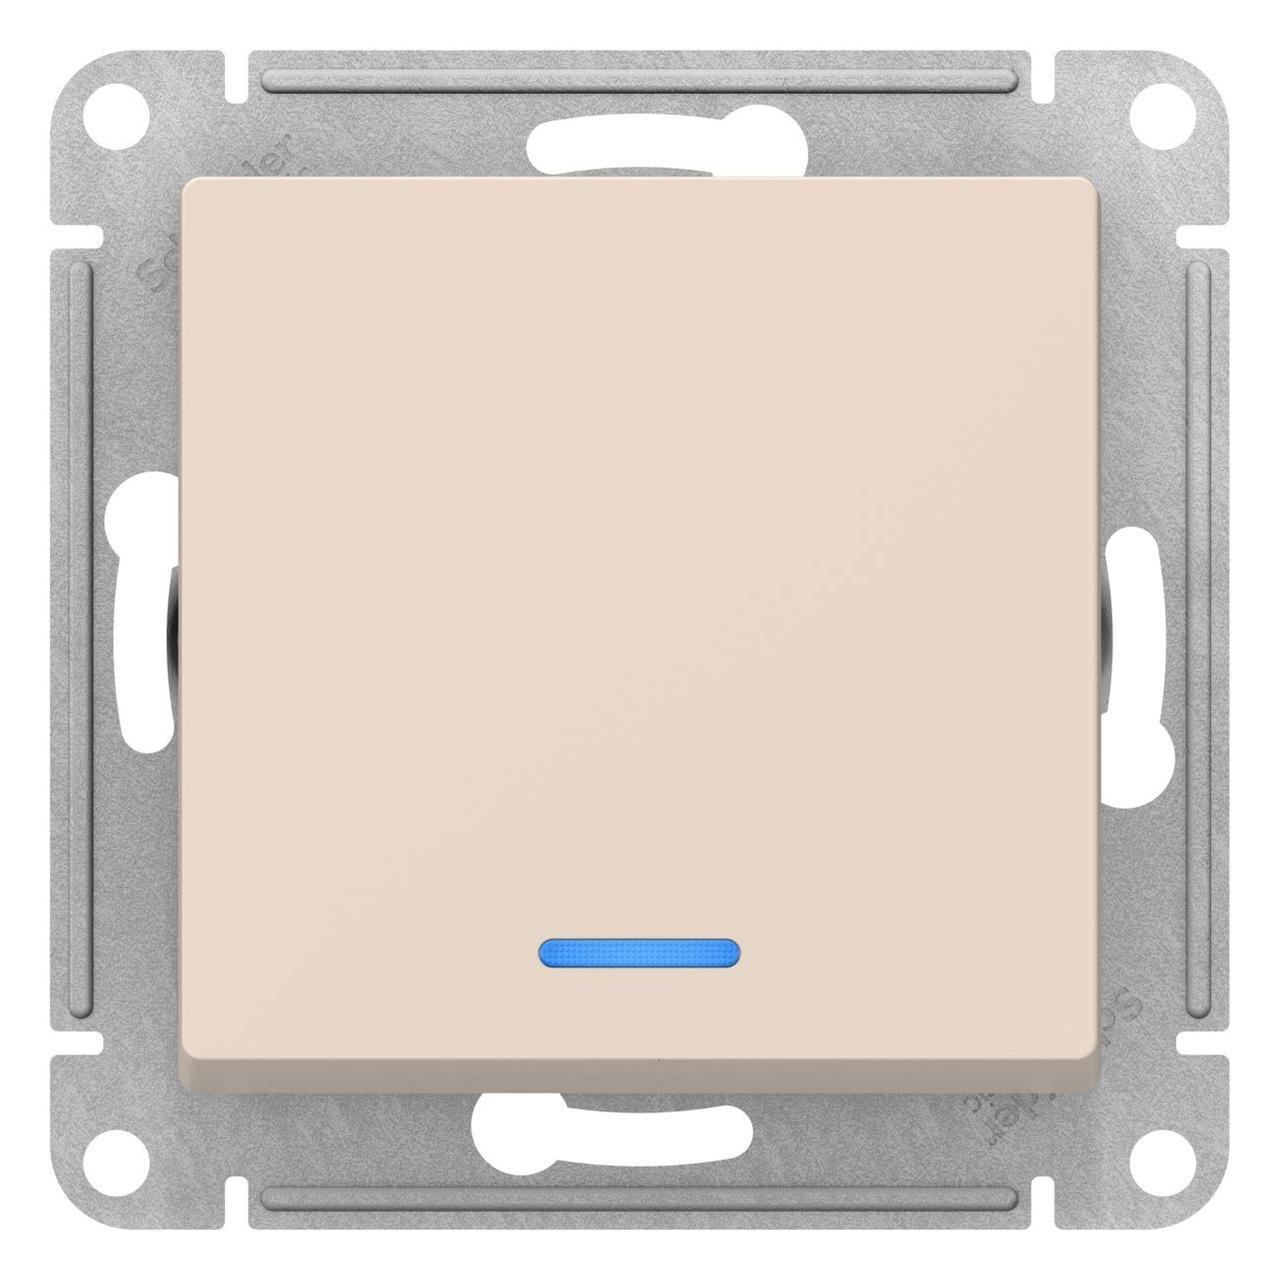 Выключатель 1-клавишный ,проходной с индикацией (с двух мест) , Бежевый, серия Atlas Design, Schneider